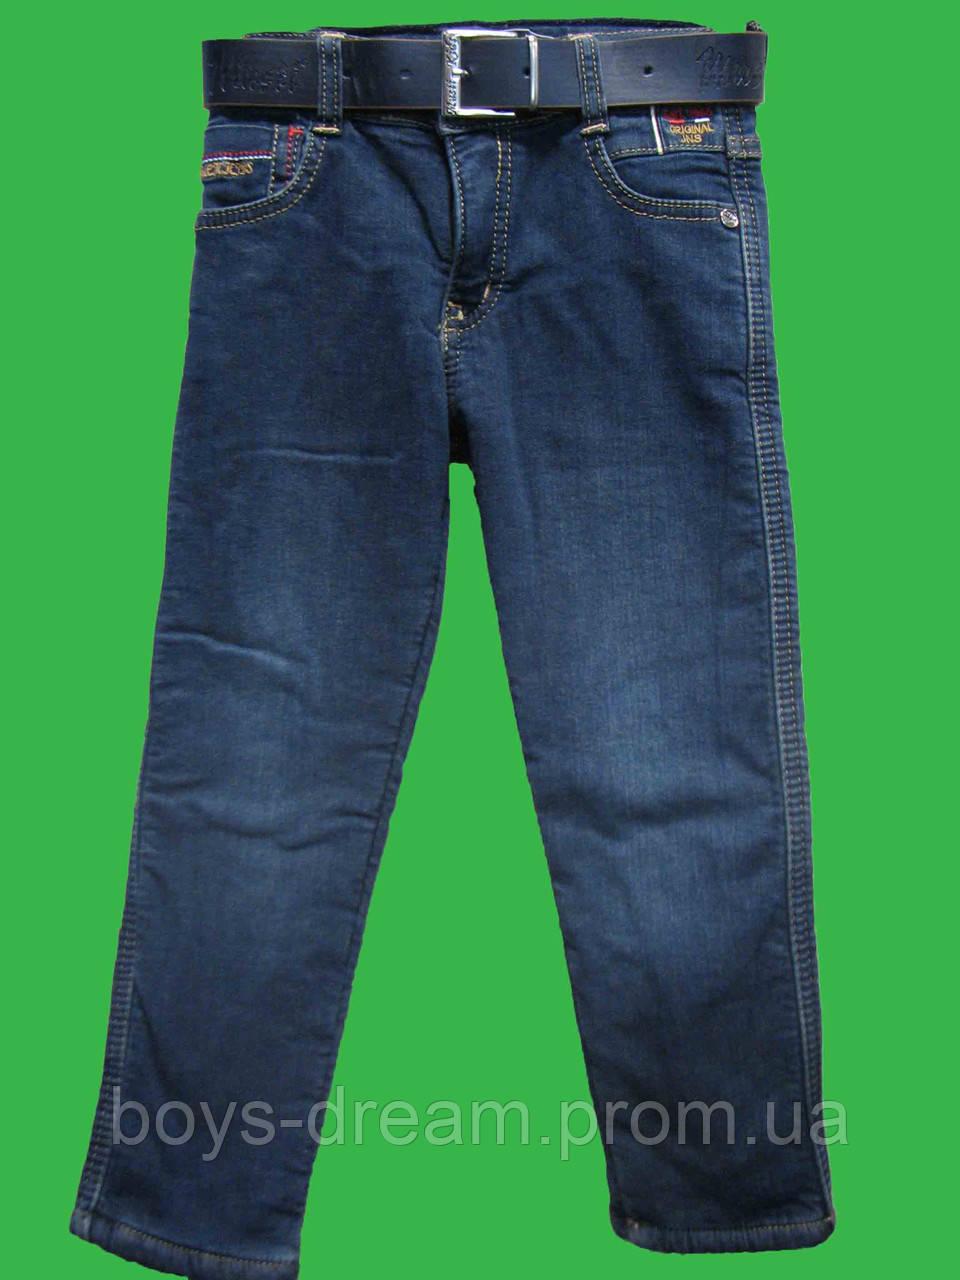 Утепленные джинсы для мальчика (152-176) (Турция)